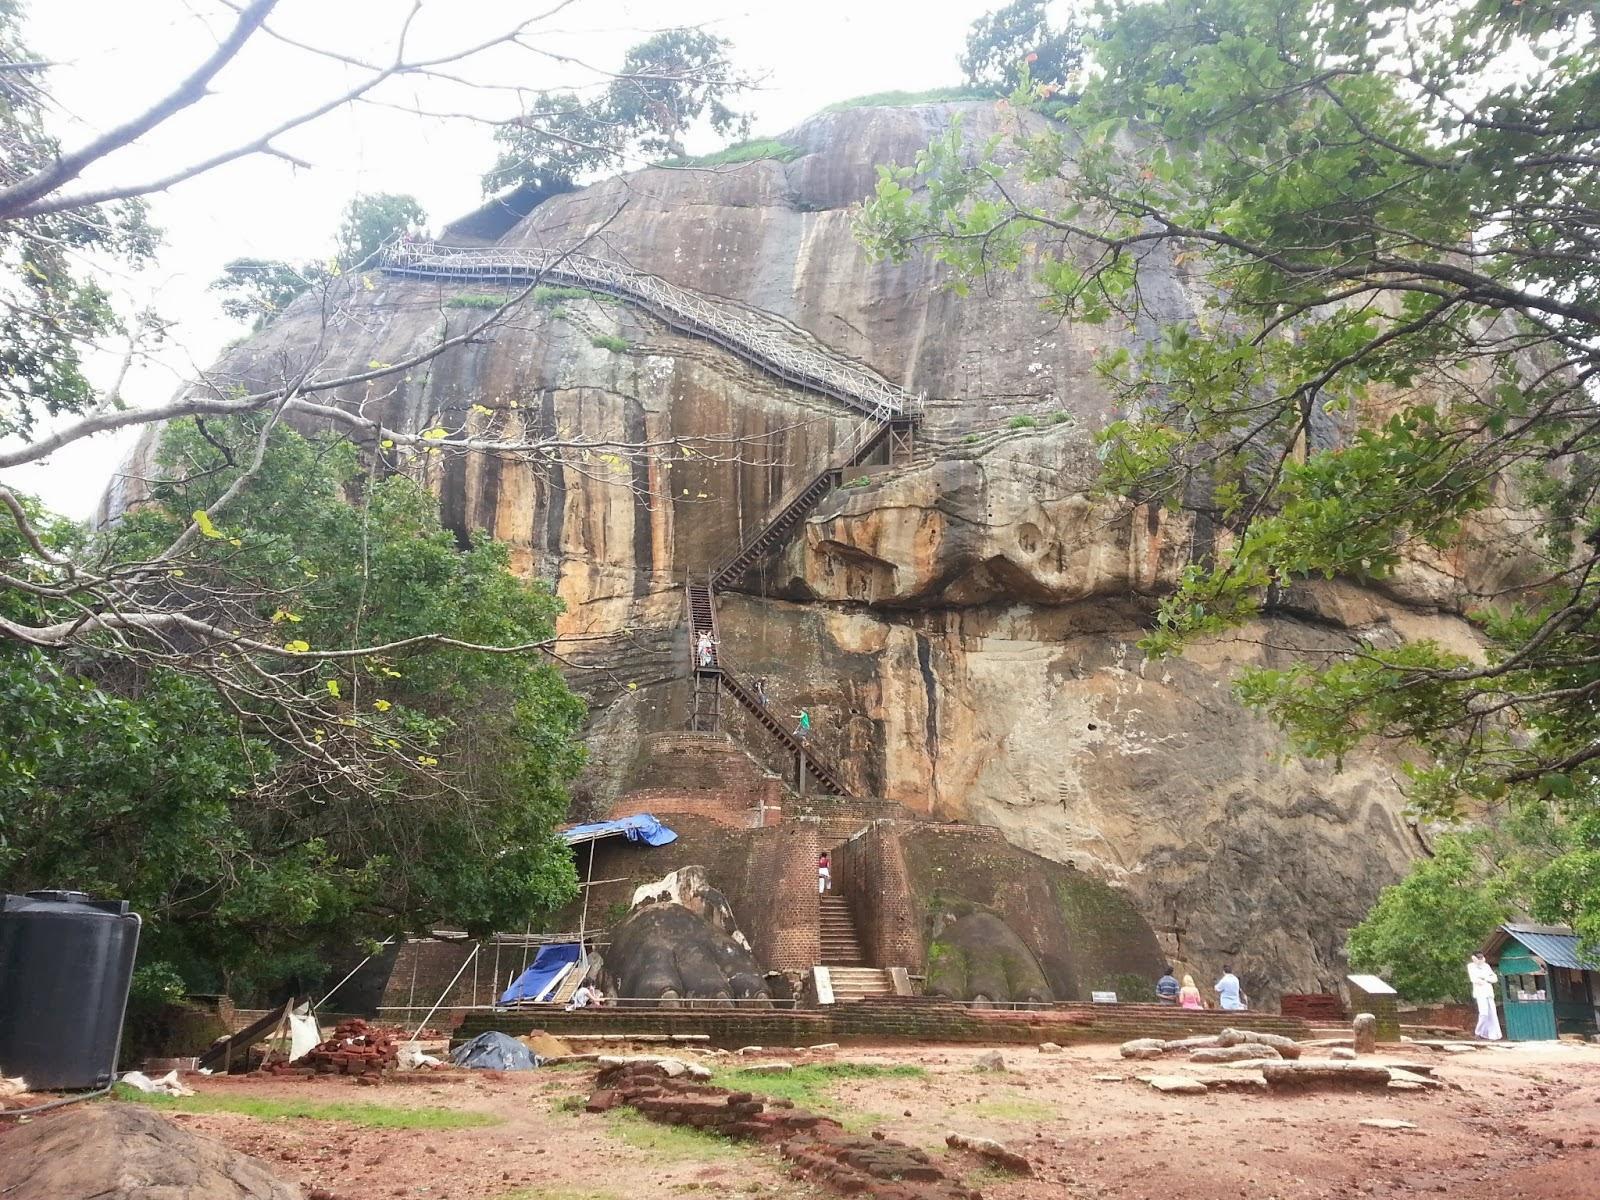 Львиные врата Сигирия, подъем на вершину скалы между огромных лап, металлическая лестница, крупный план